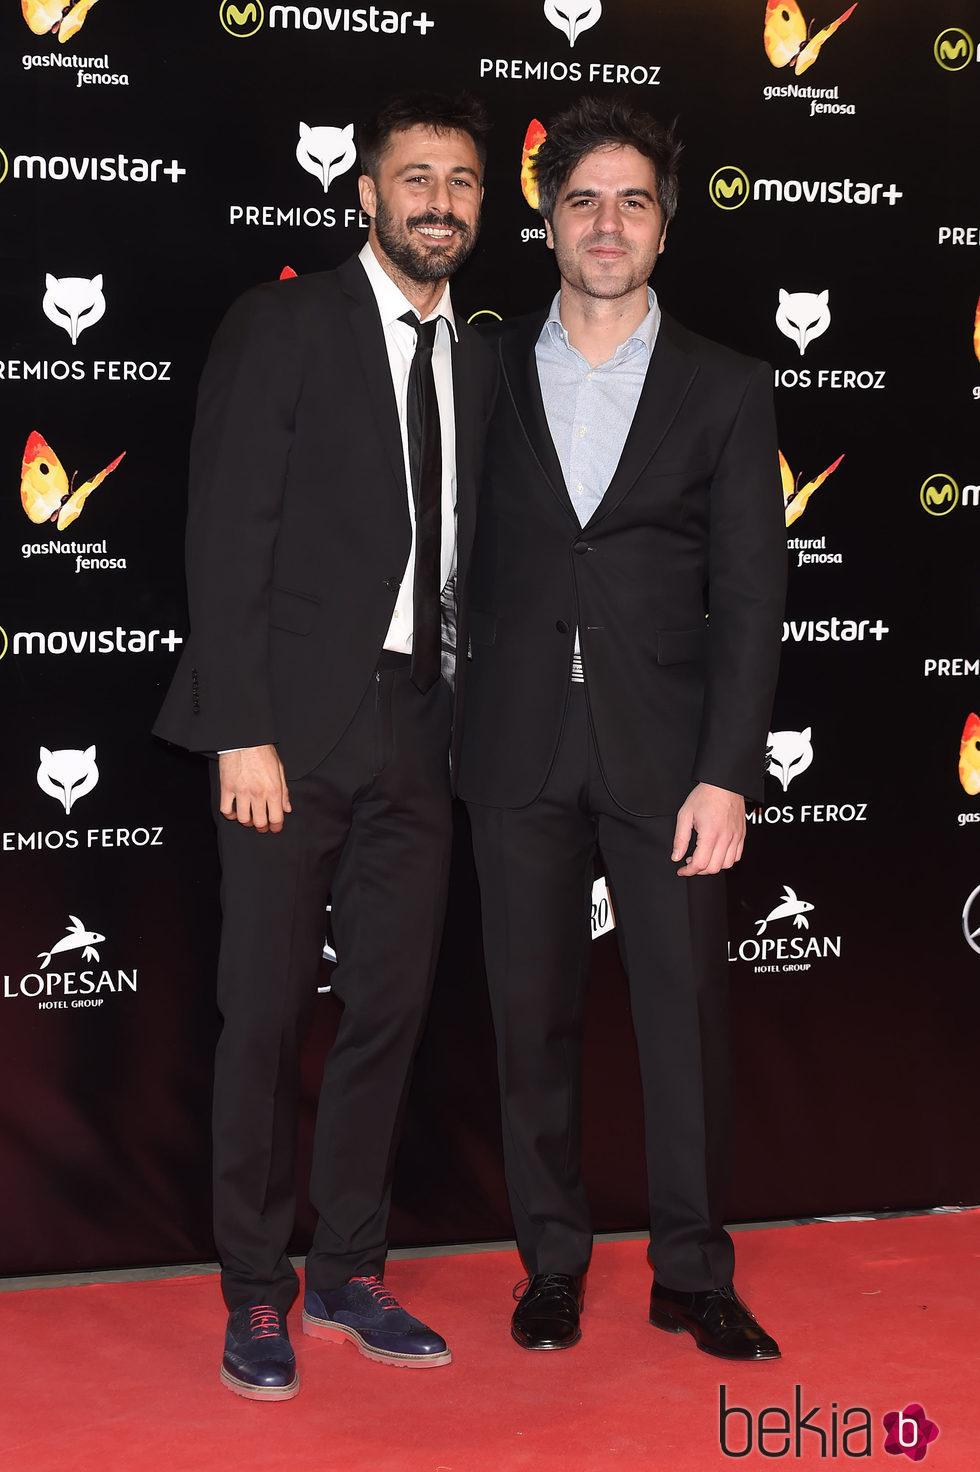 Ernesto Sevilla y Hugo Silva en la alfombra roja de los Premios Feroz 2016